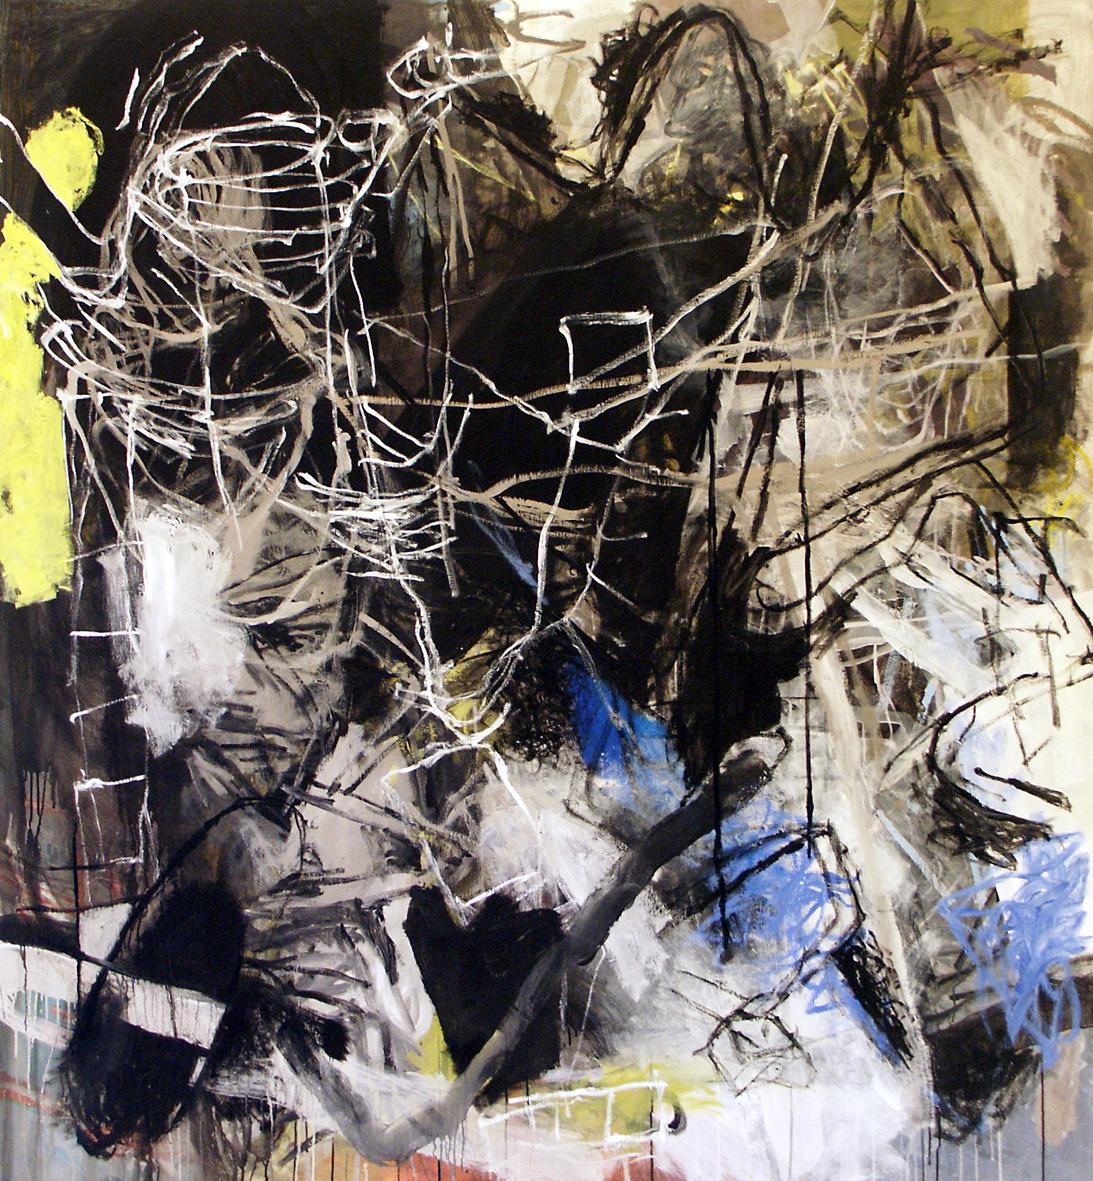 Xavier Grau - Bone Black IV, 2006